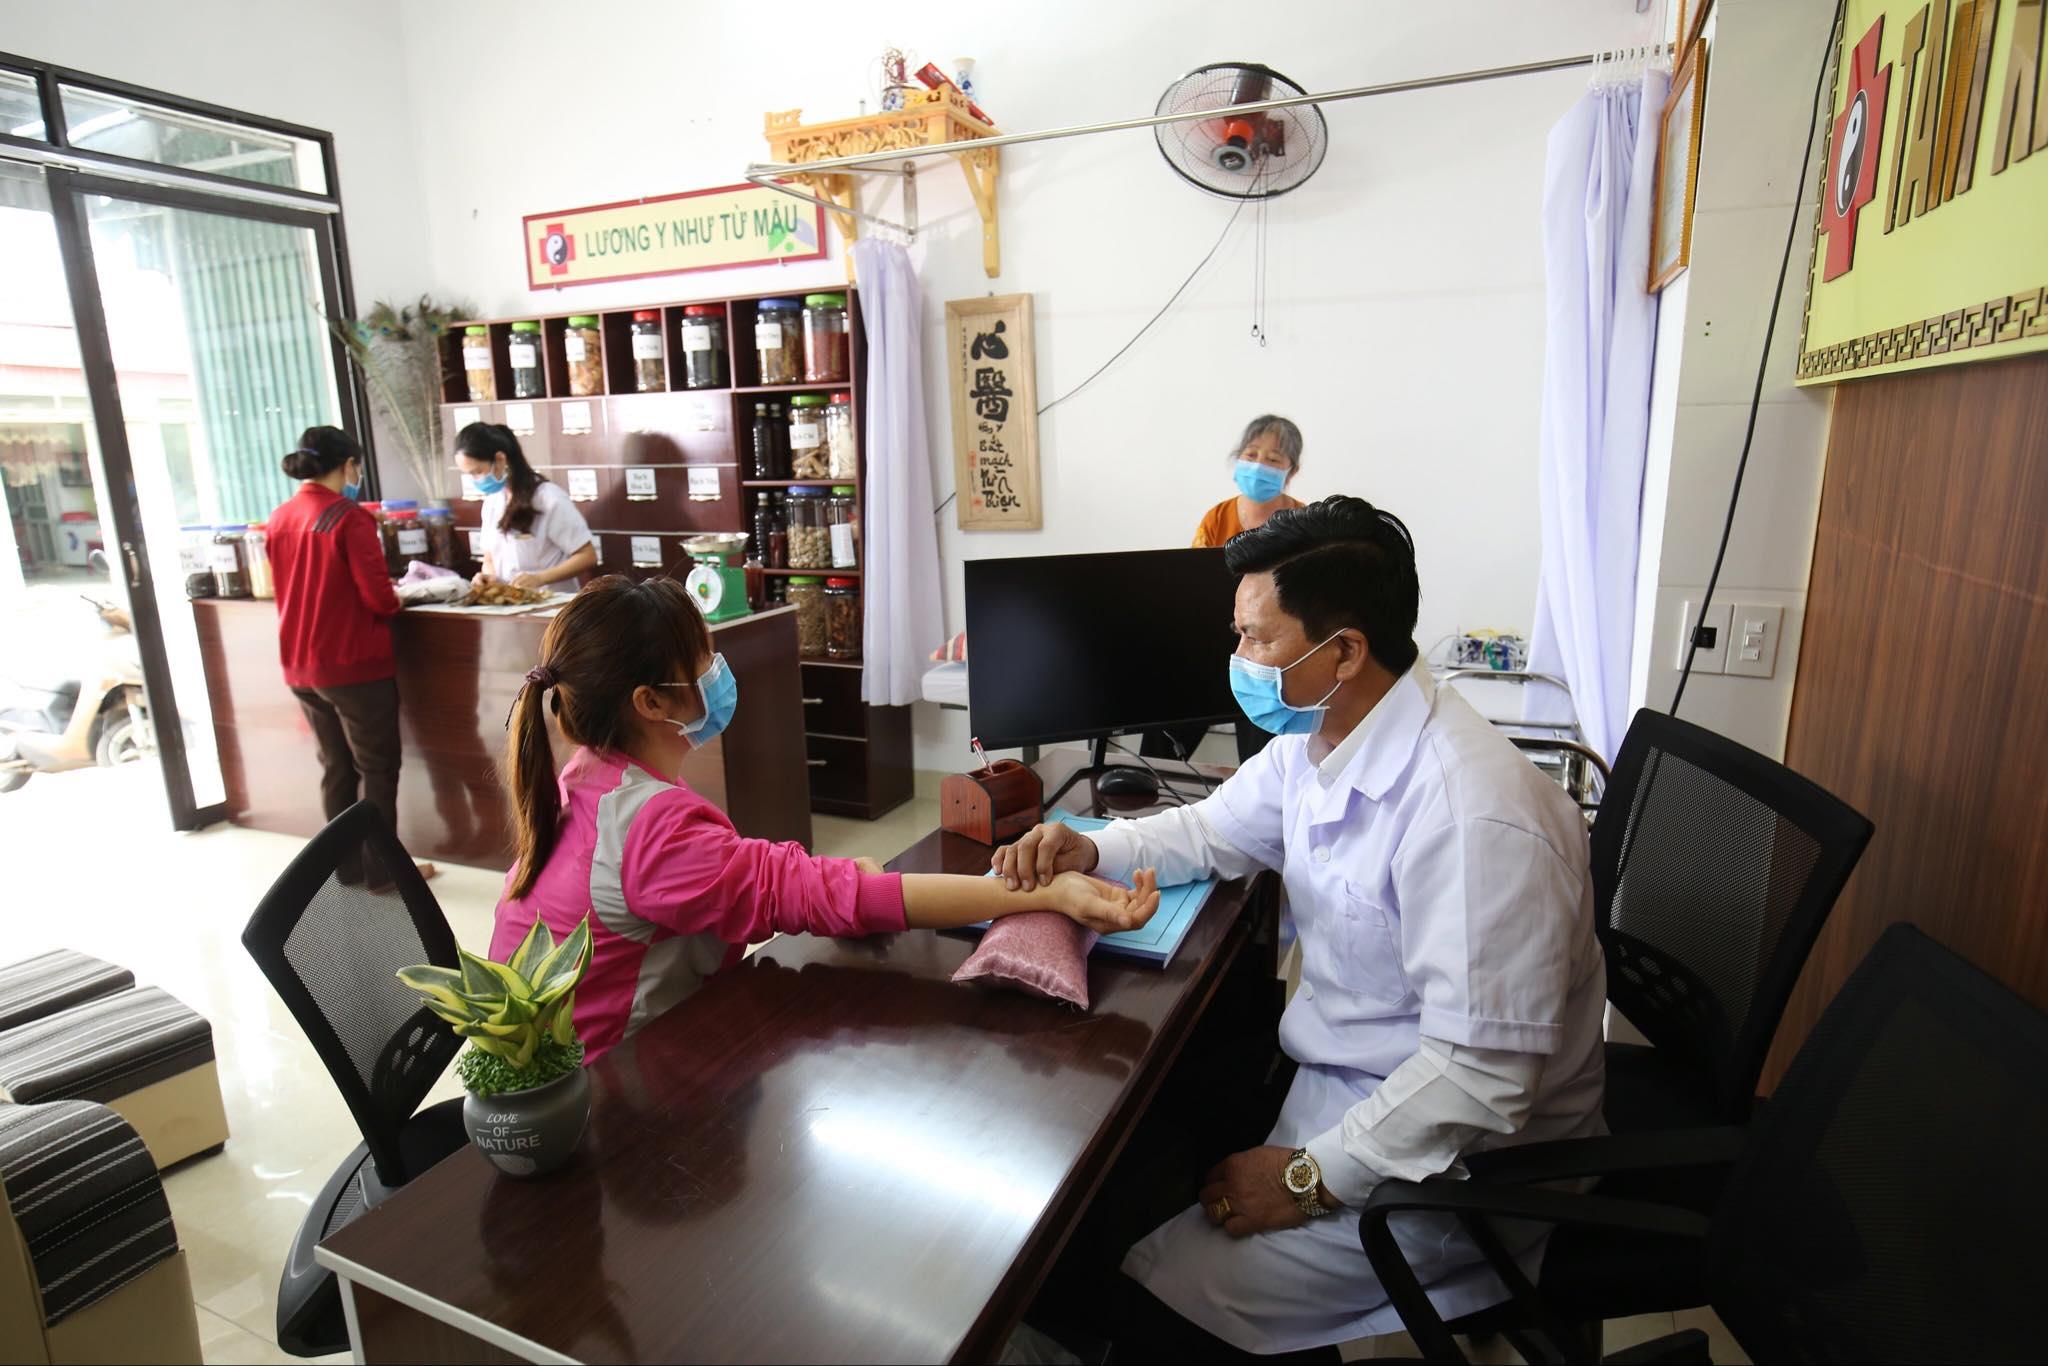 Bật mí bài thuốc đặc trị bệnh dạ dày của lương y Nguyễn Xuân Điềm  - Ảnh 1